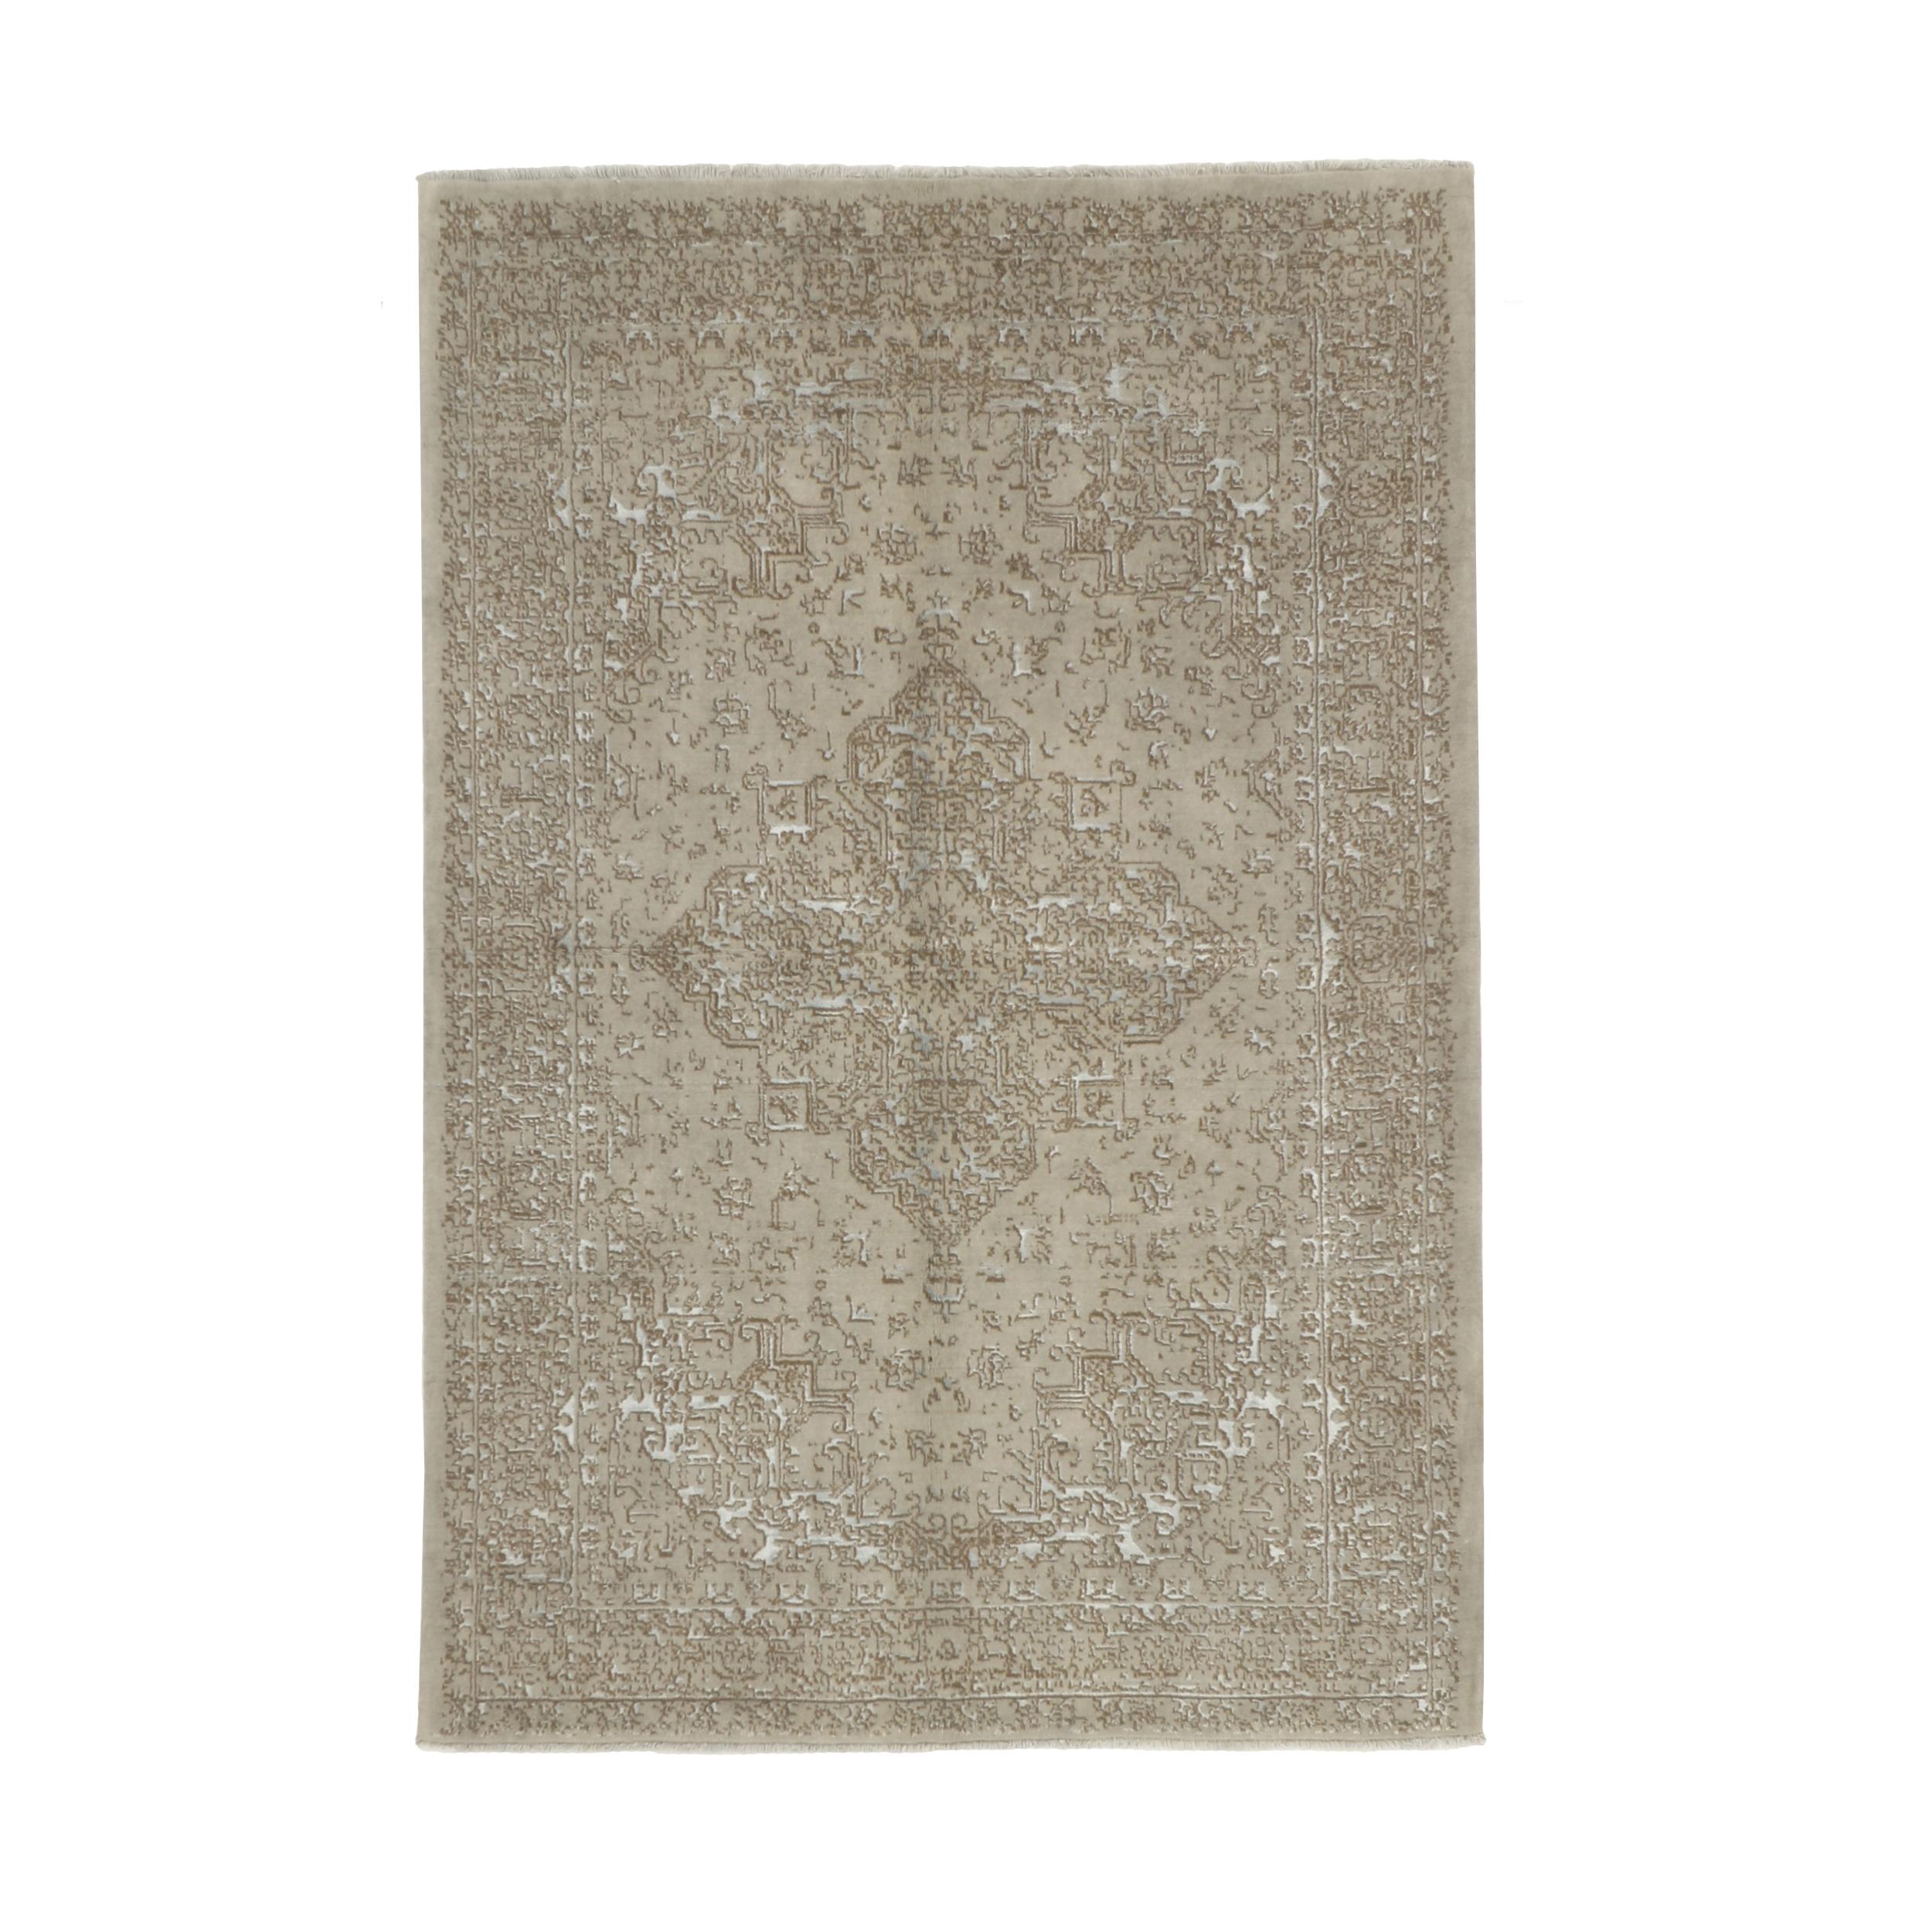 فرش نیمه دستبافت چهار متری طرح گل ابریشم کد 543912